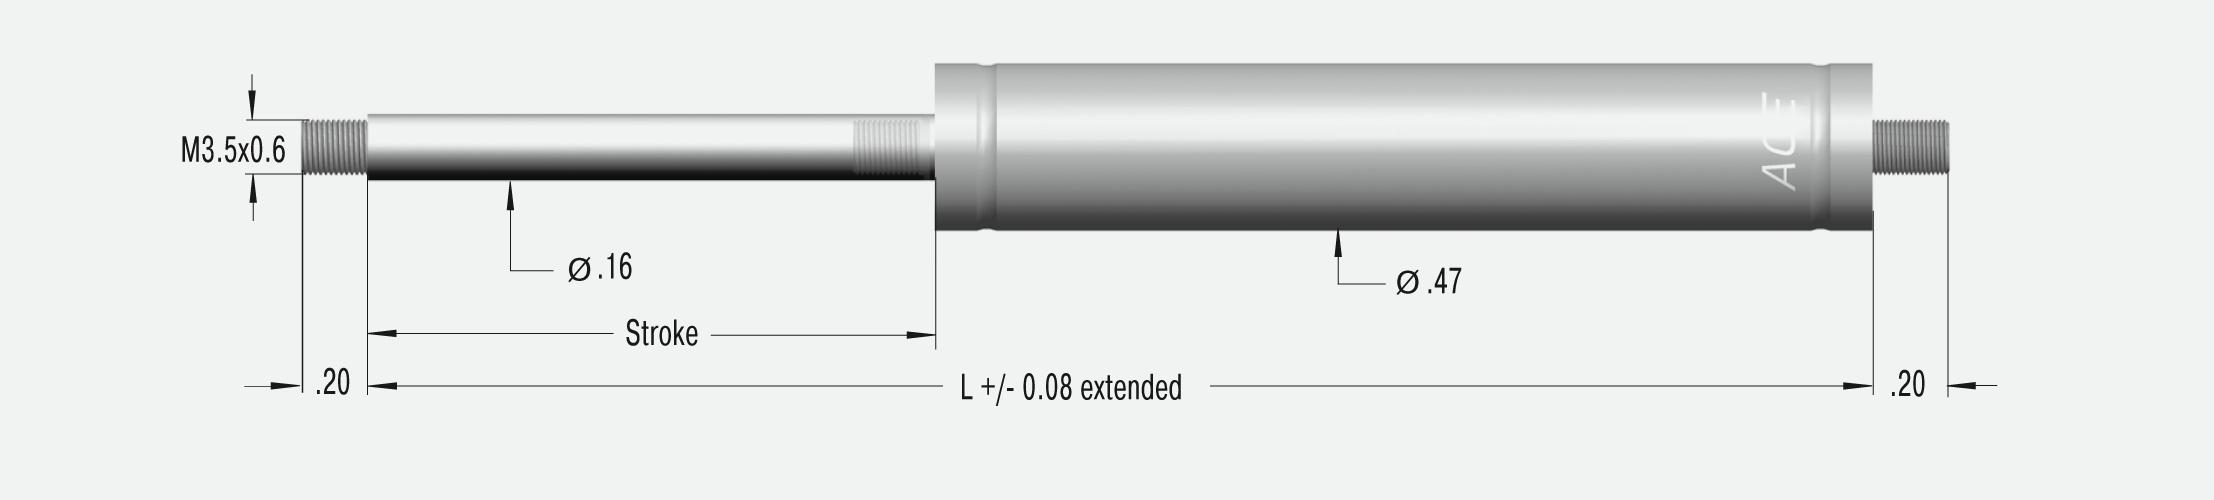 GS-12-120-V4A